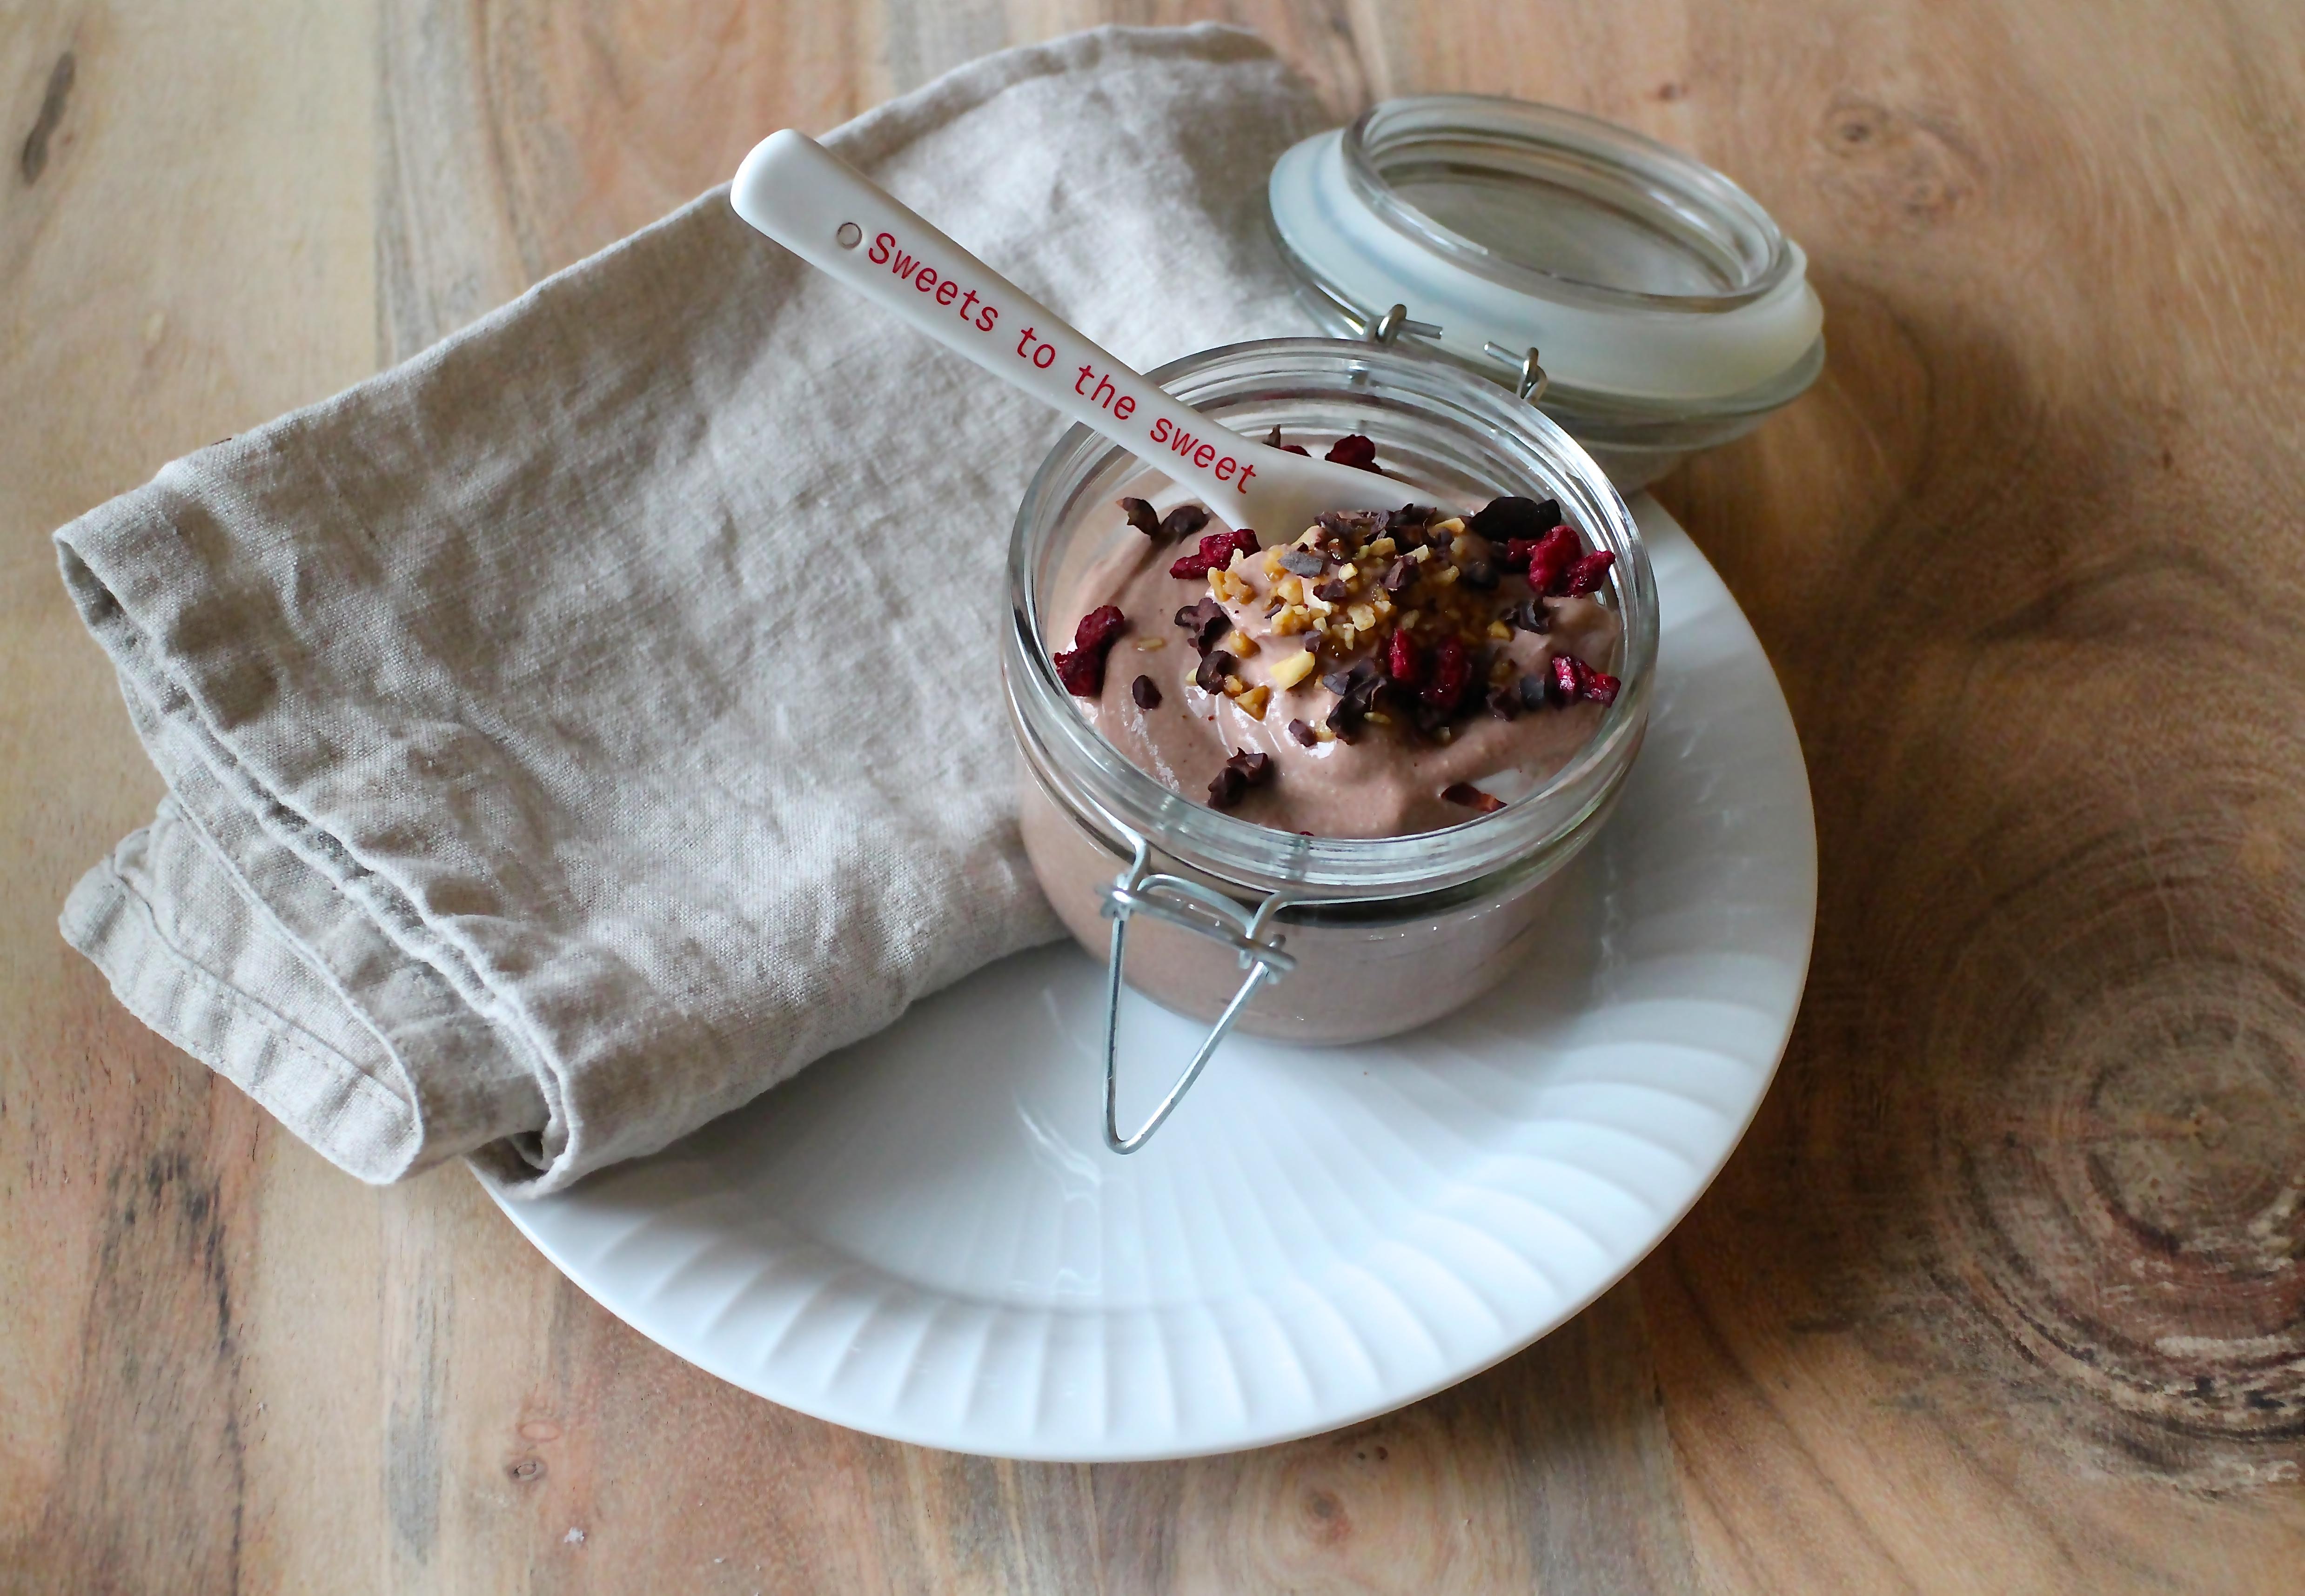 Sund chokolademousse uden raffineret sukker - Sabrina Hørup